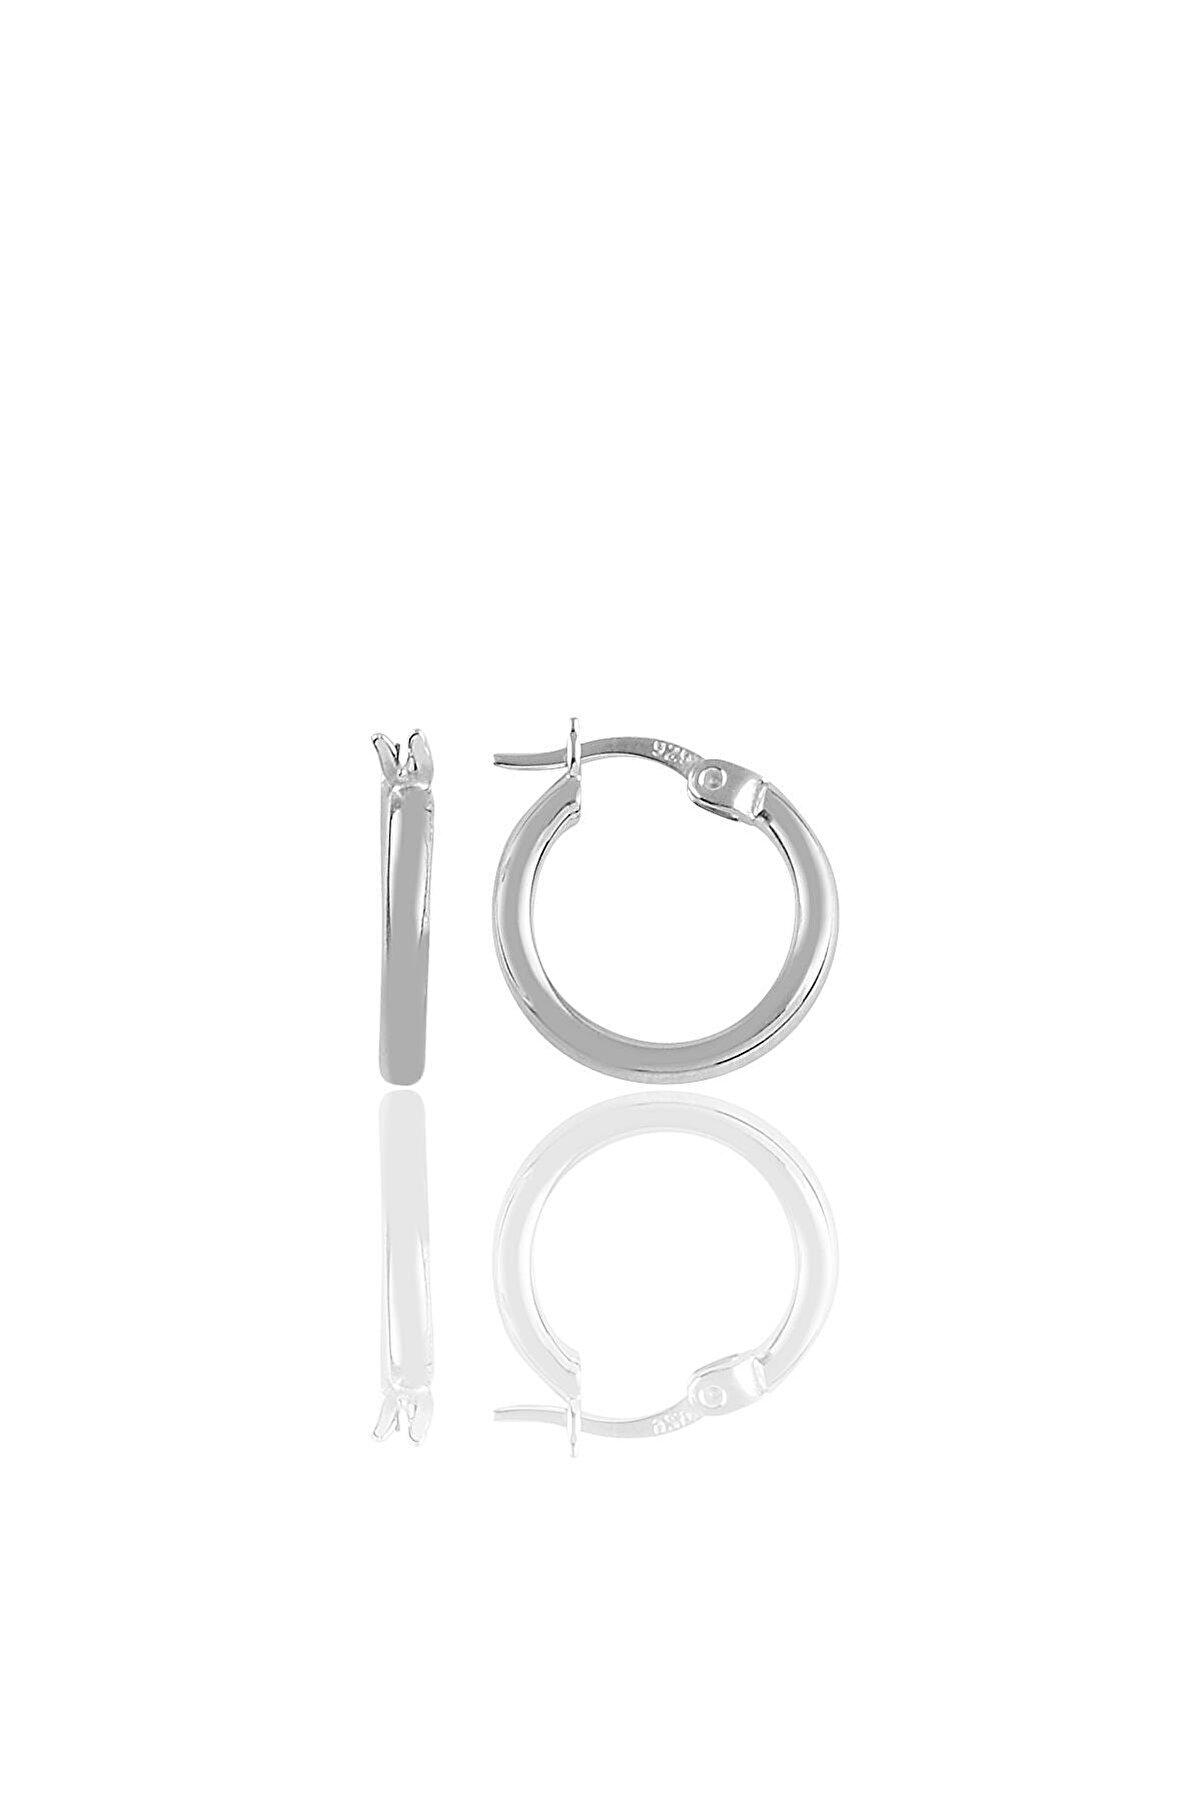 Söğütlü Silver Gümüş Rodyumlu 16 Mm Şarnel Halka Küpe